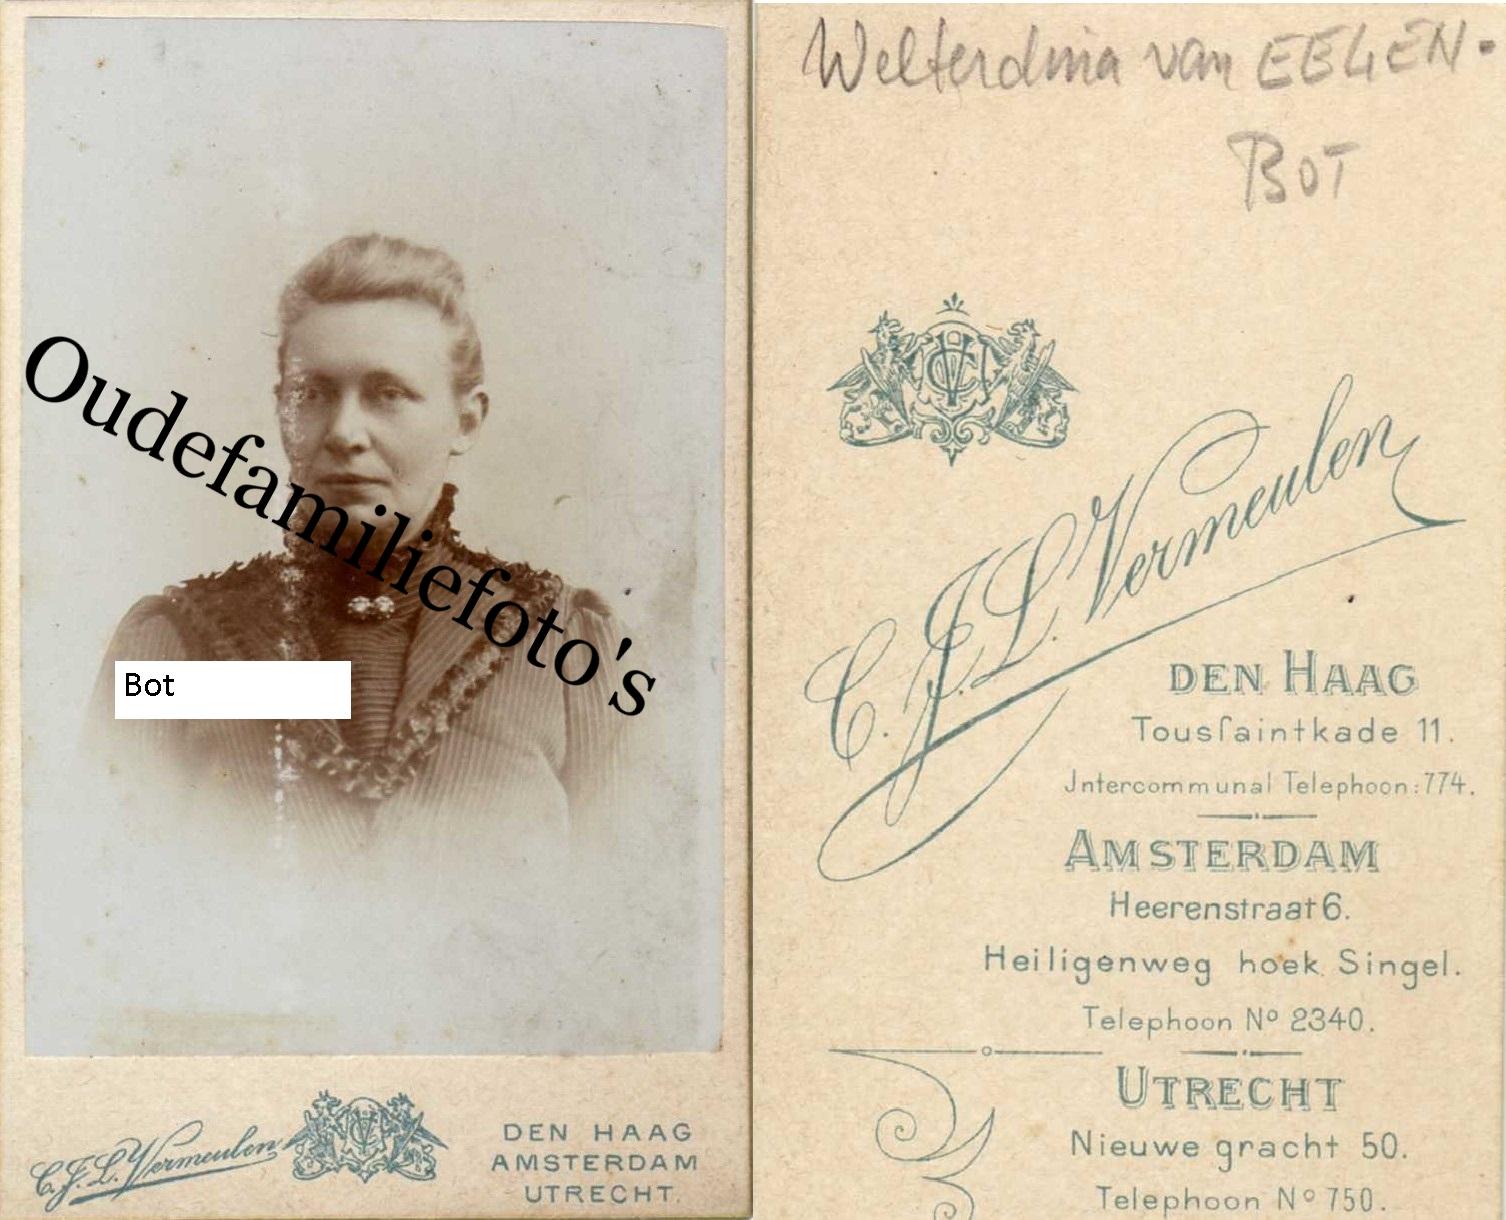 Bot, Wolterdina Hendrika. Geb. 5-2-1860 Meppel Ovl. 5-5-1930 Meppel. Getrouwd met Gerrit van Eelen. € 2,00